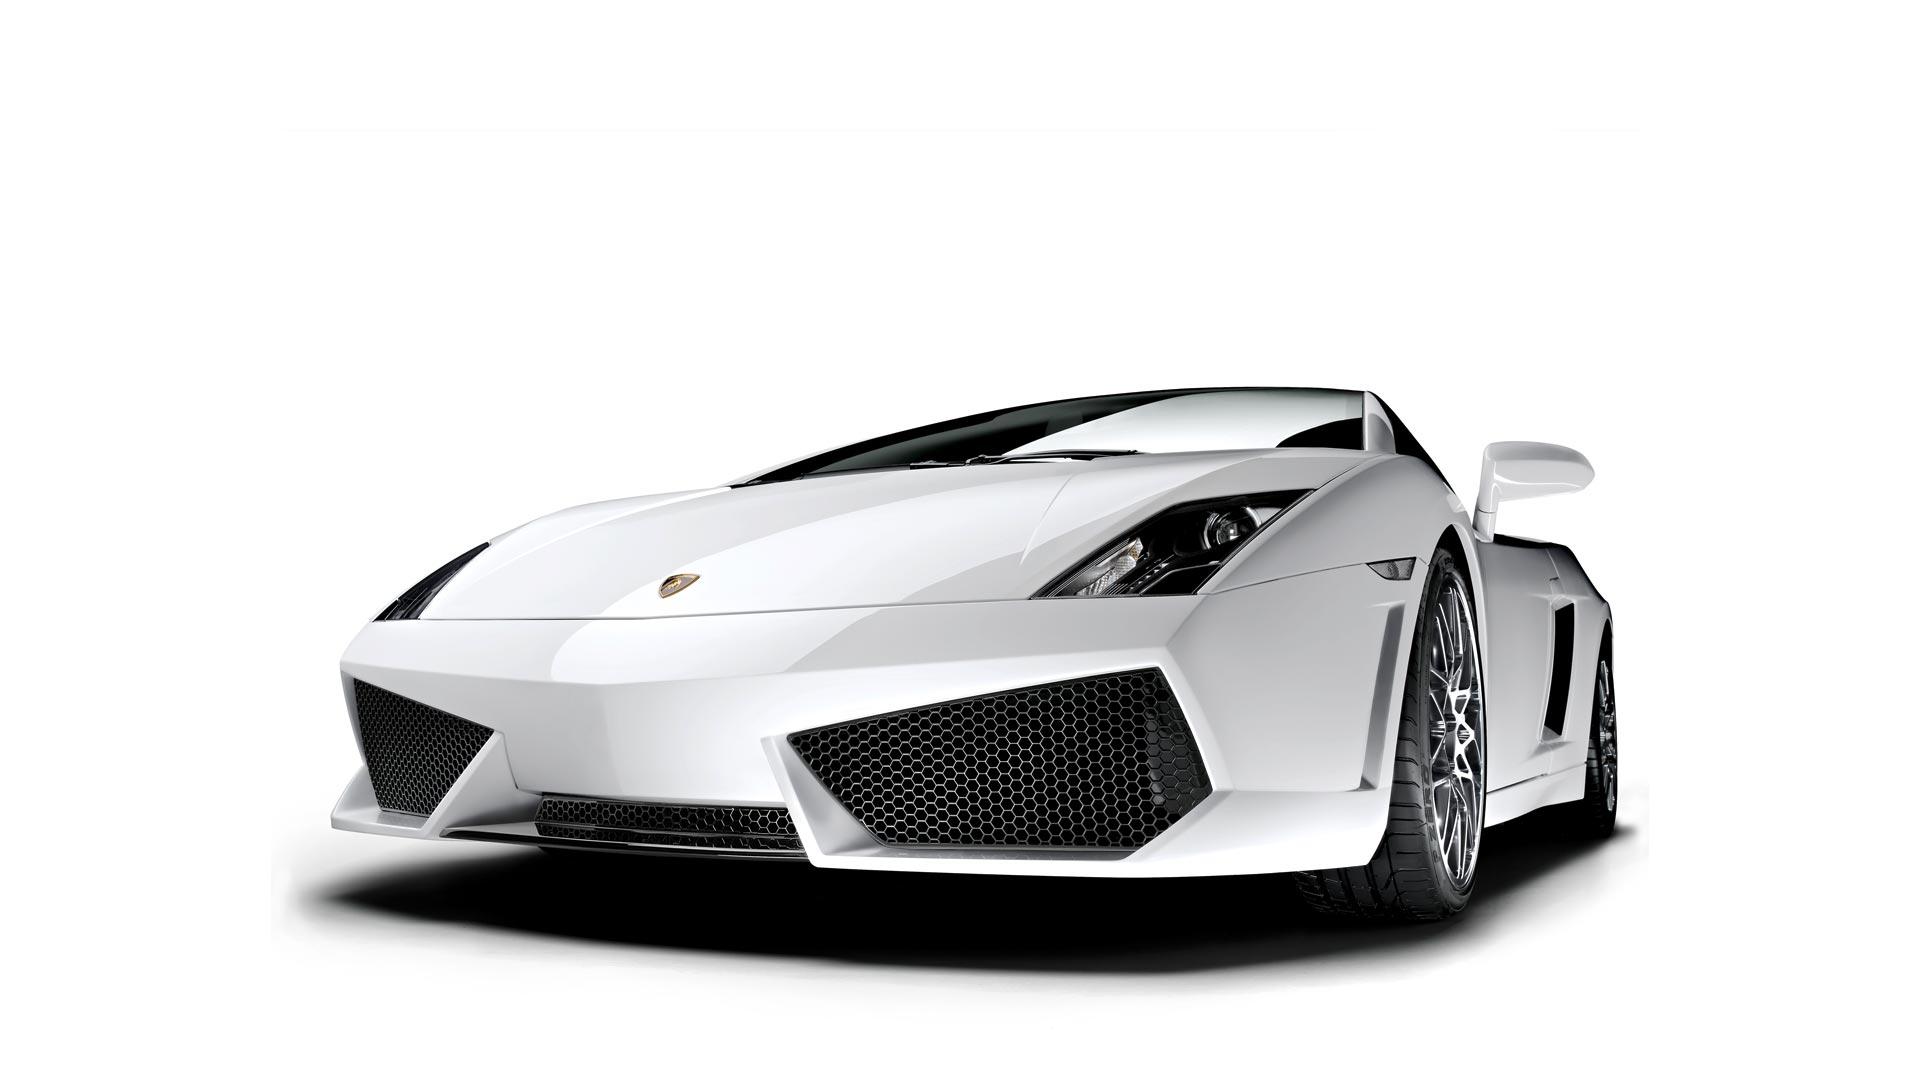 Hình nền trắng siêu xe đẹp nhất